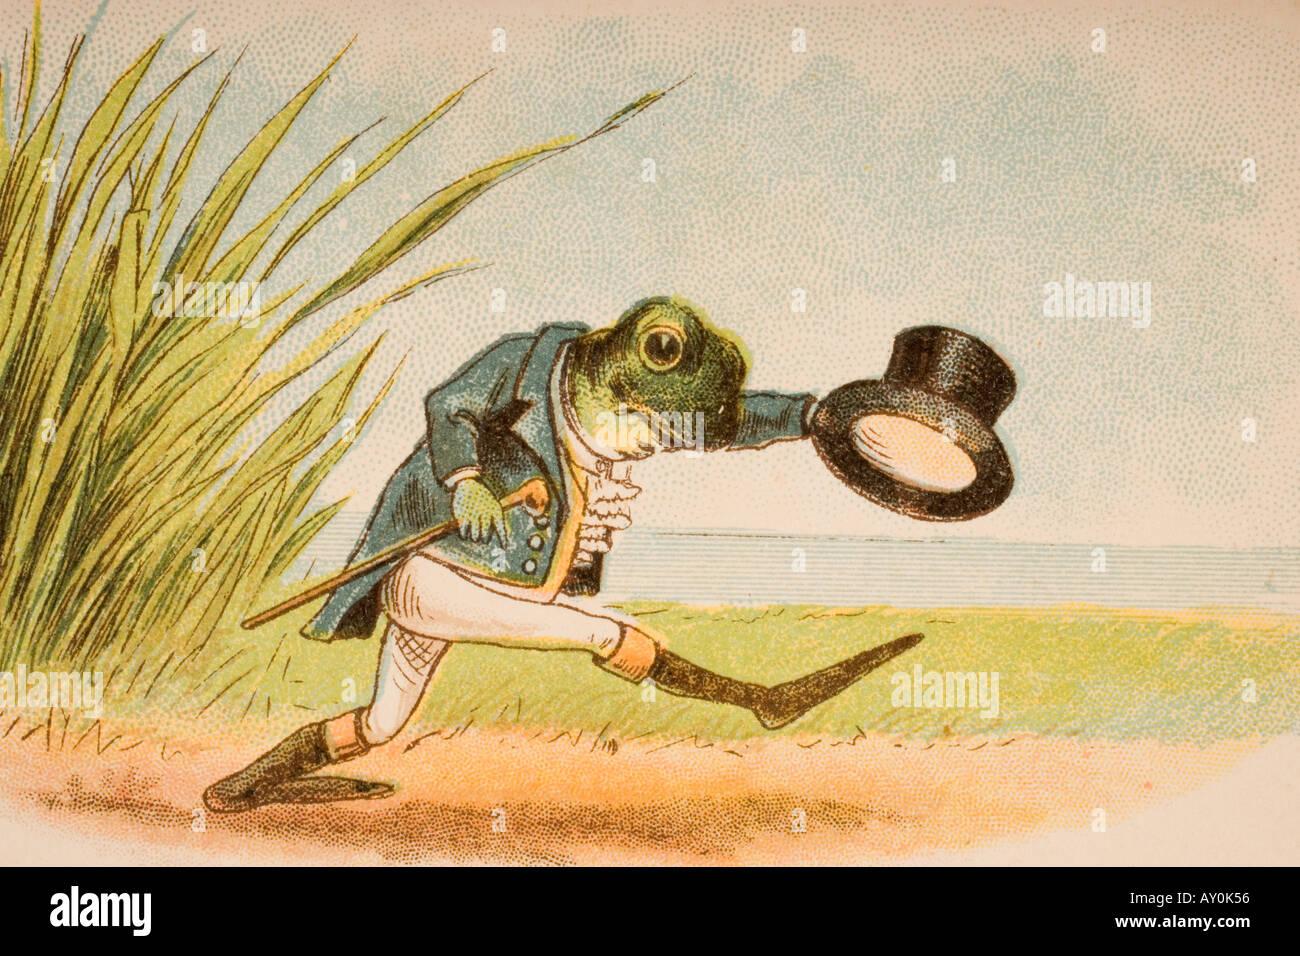 Der Frosch, der Kunrad gehen aus alten Mutter Gans s Reime und Geschichten würde Stockbild